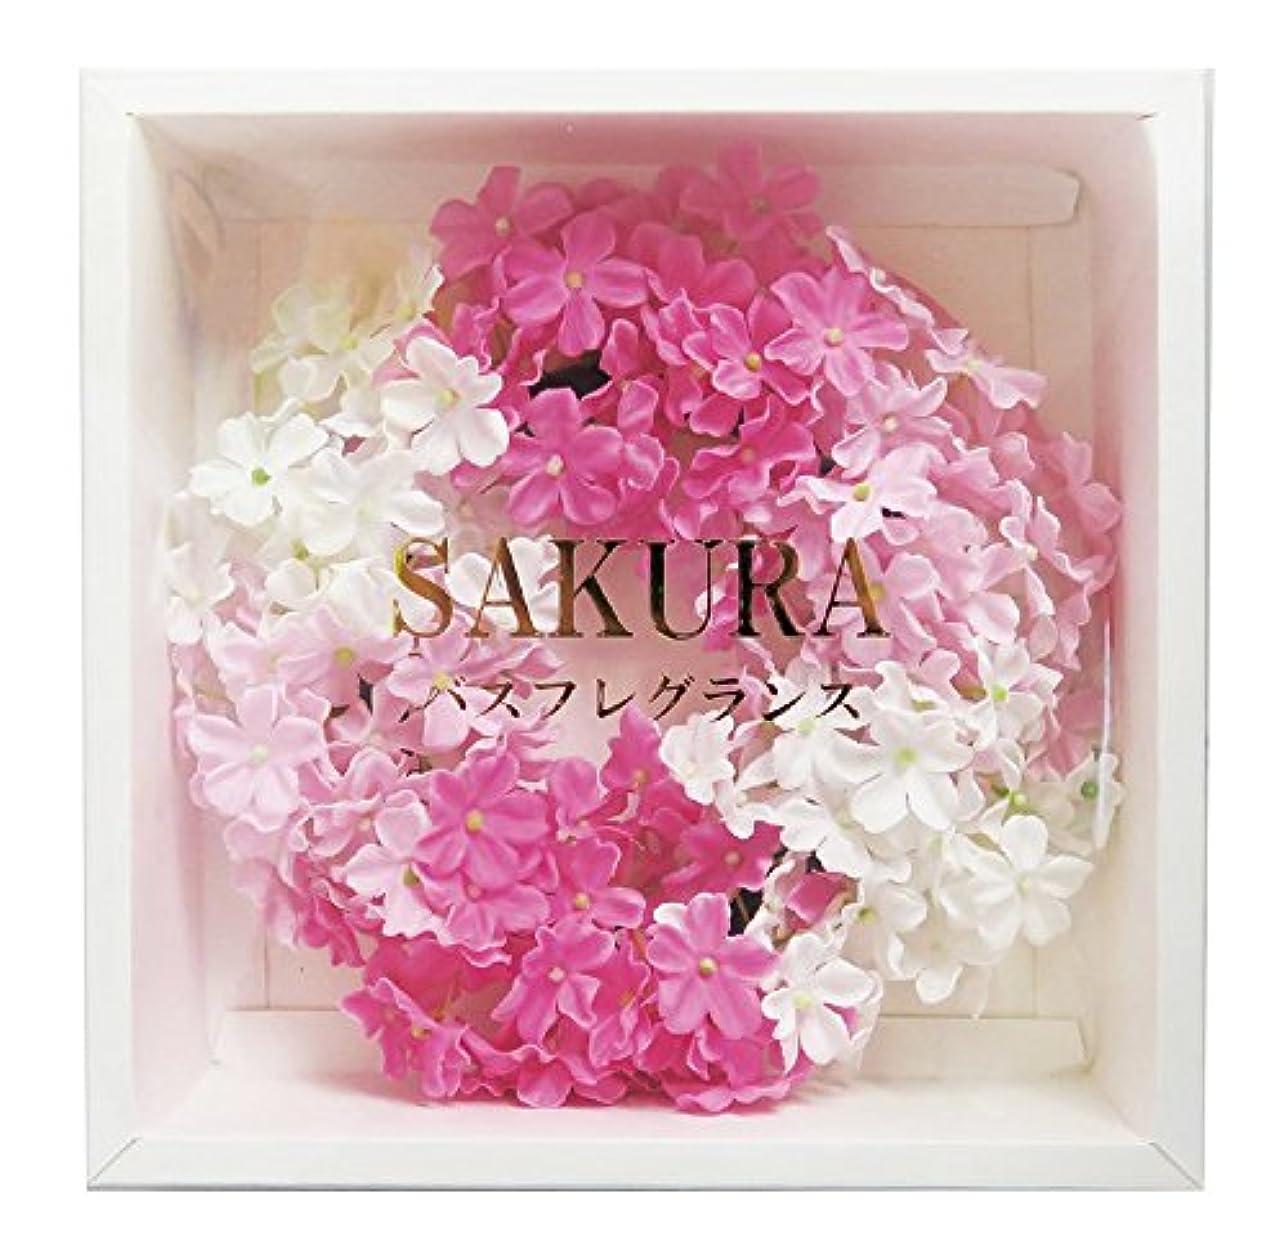 慎重アトラスドロー花のカタチの入浴料! バスフレグランス SAKURA サクラ リース